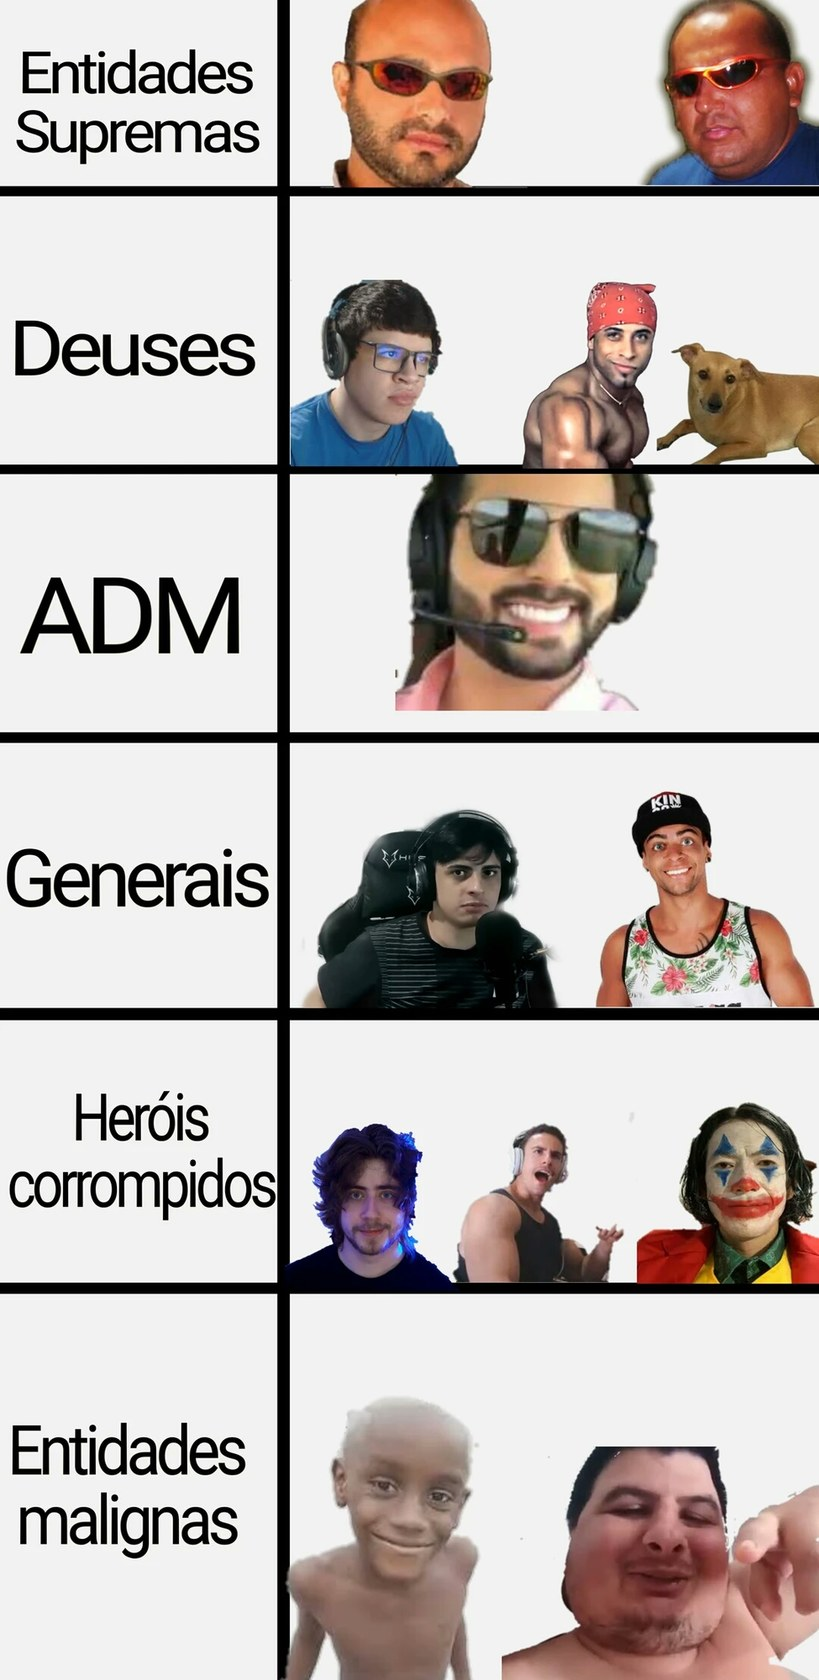 Danonão Grosso - meme